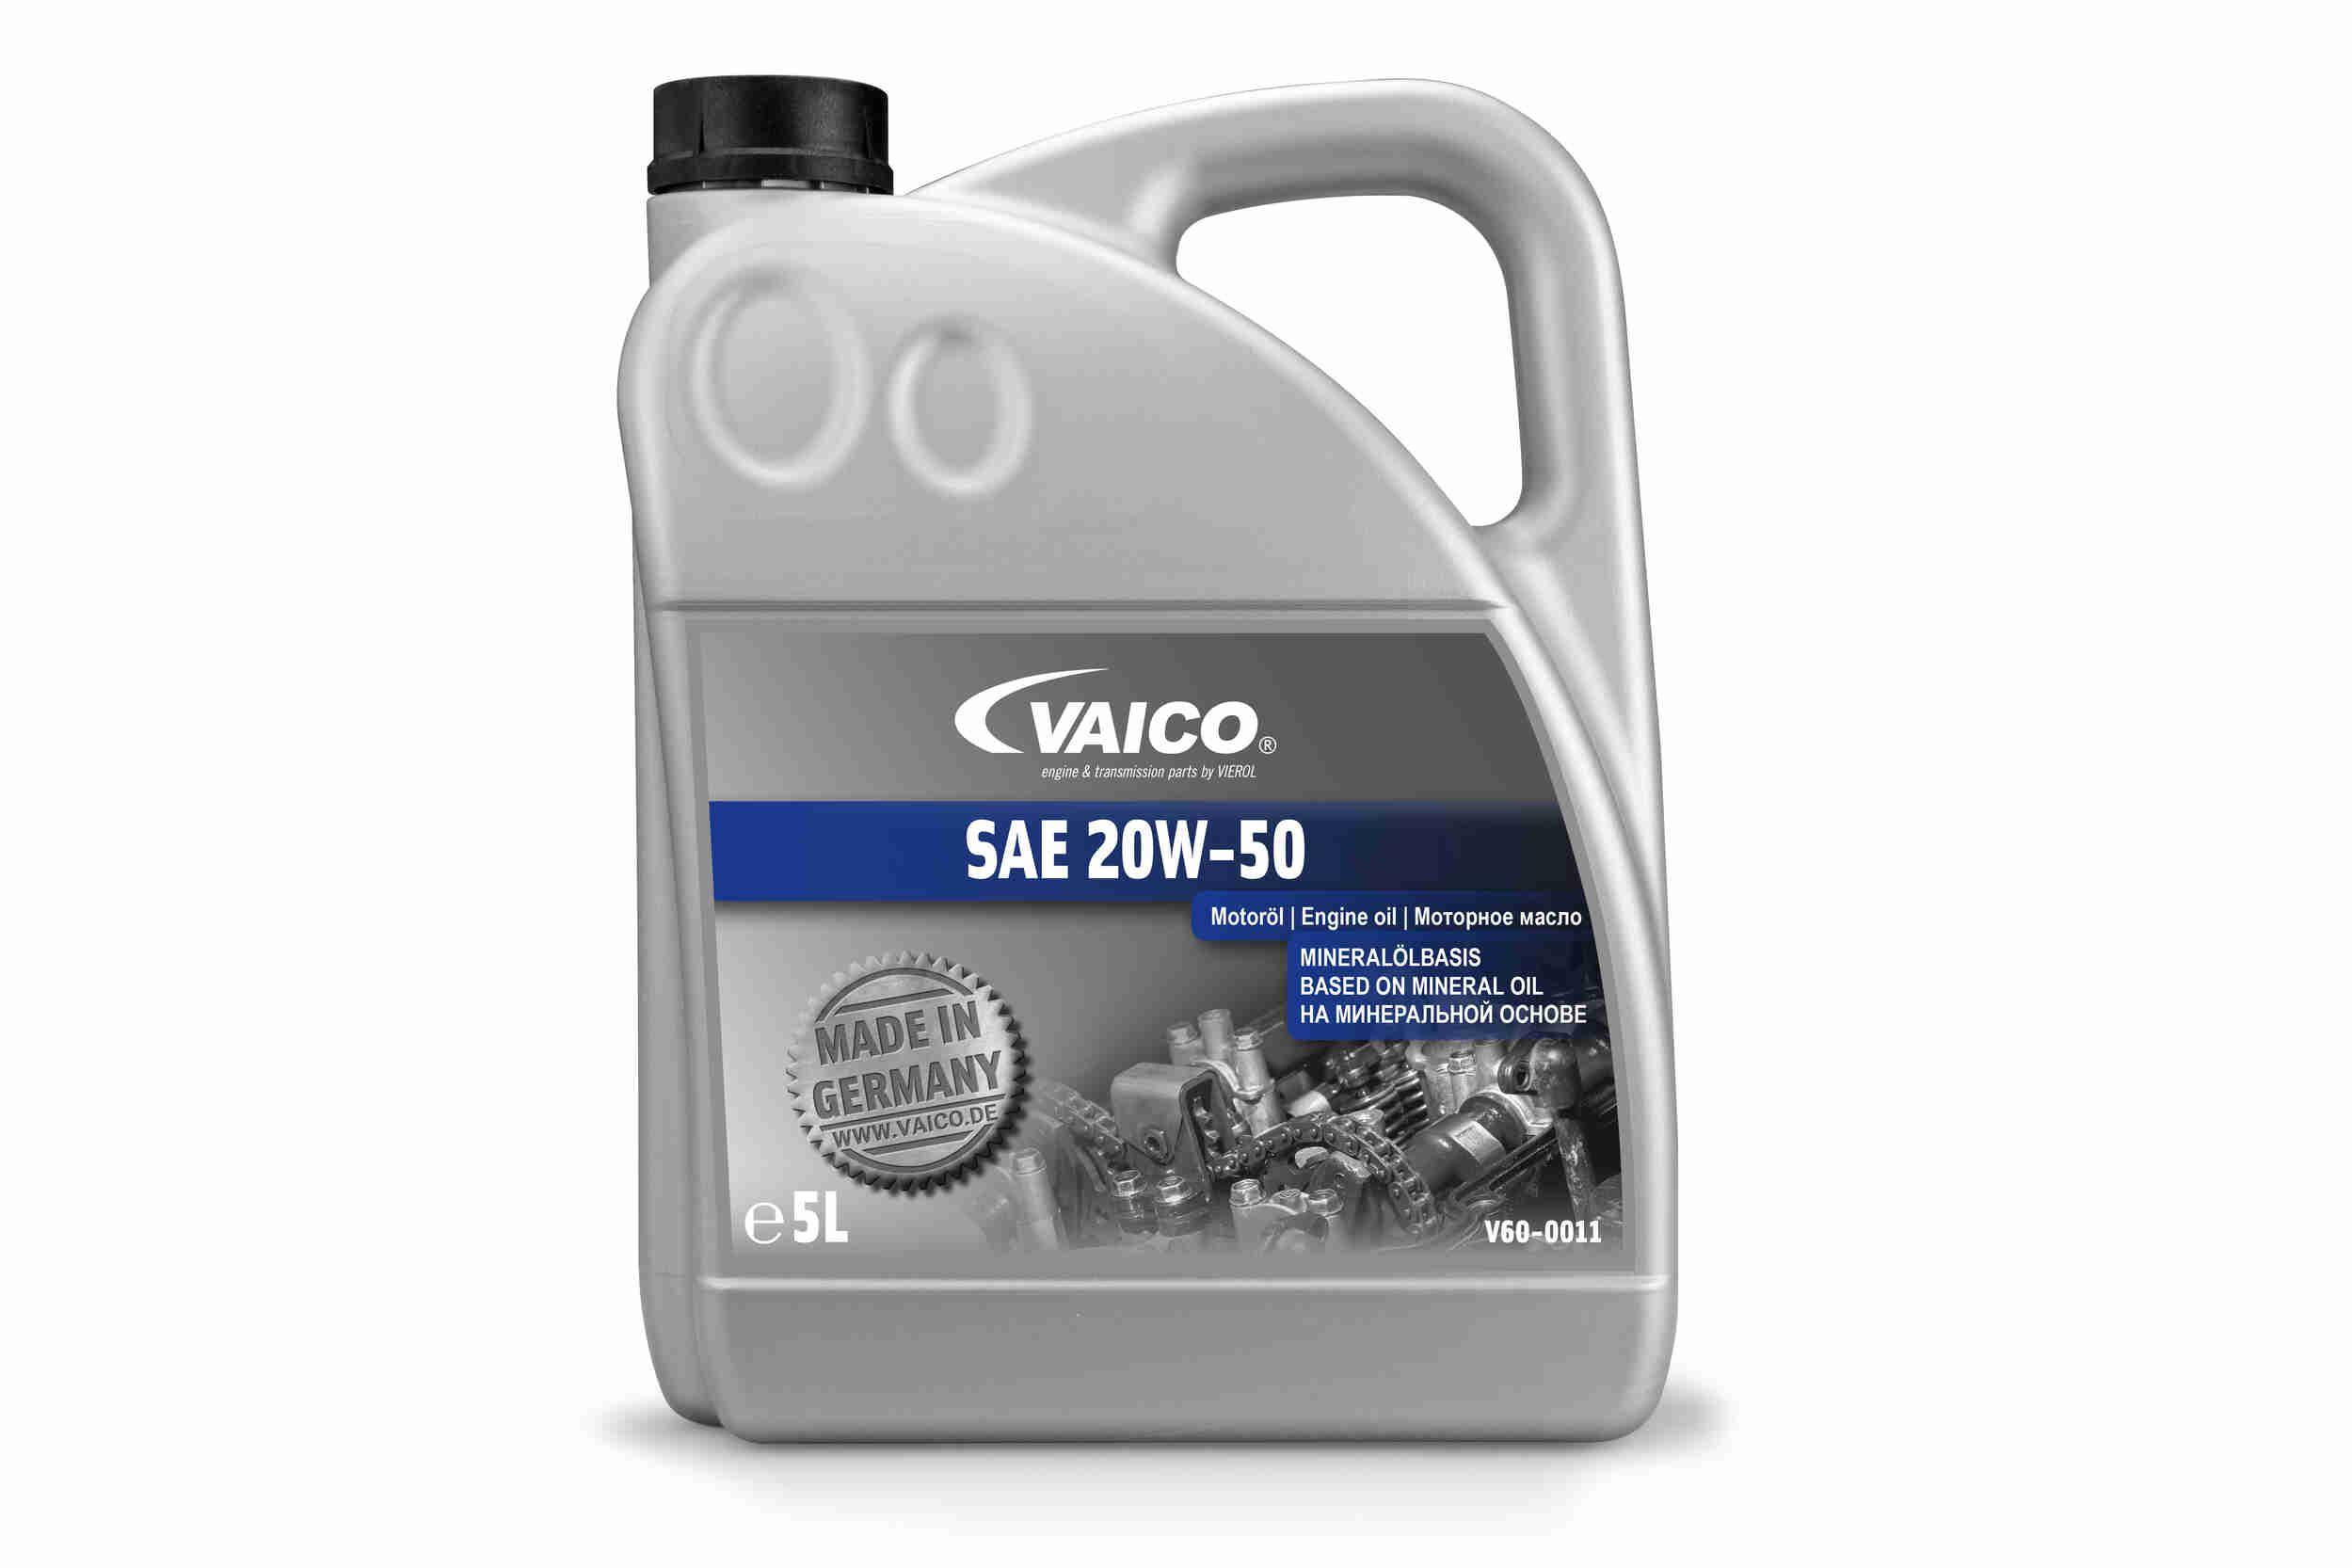 V60-0011 Olio motore VAICO esperienza a prezzi scontati